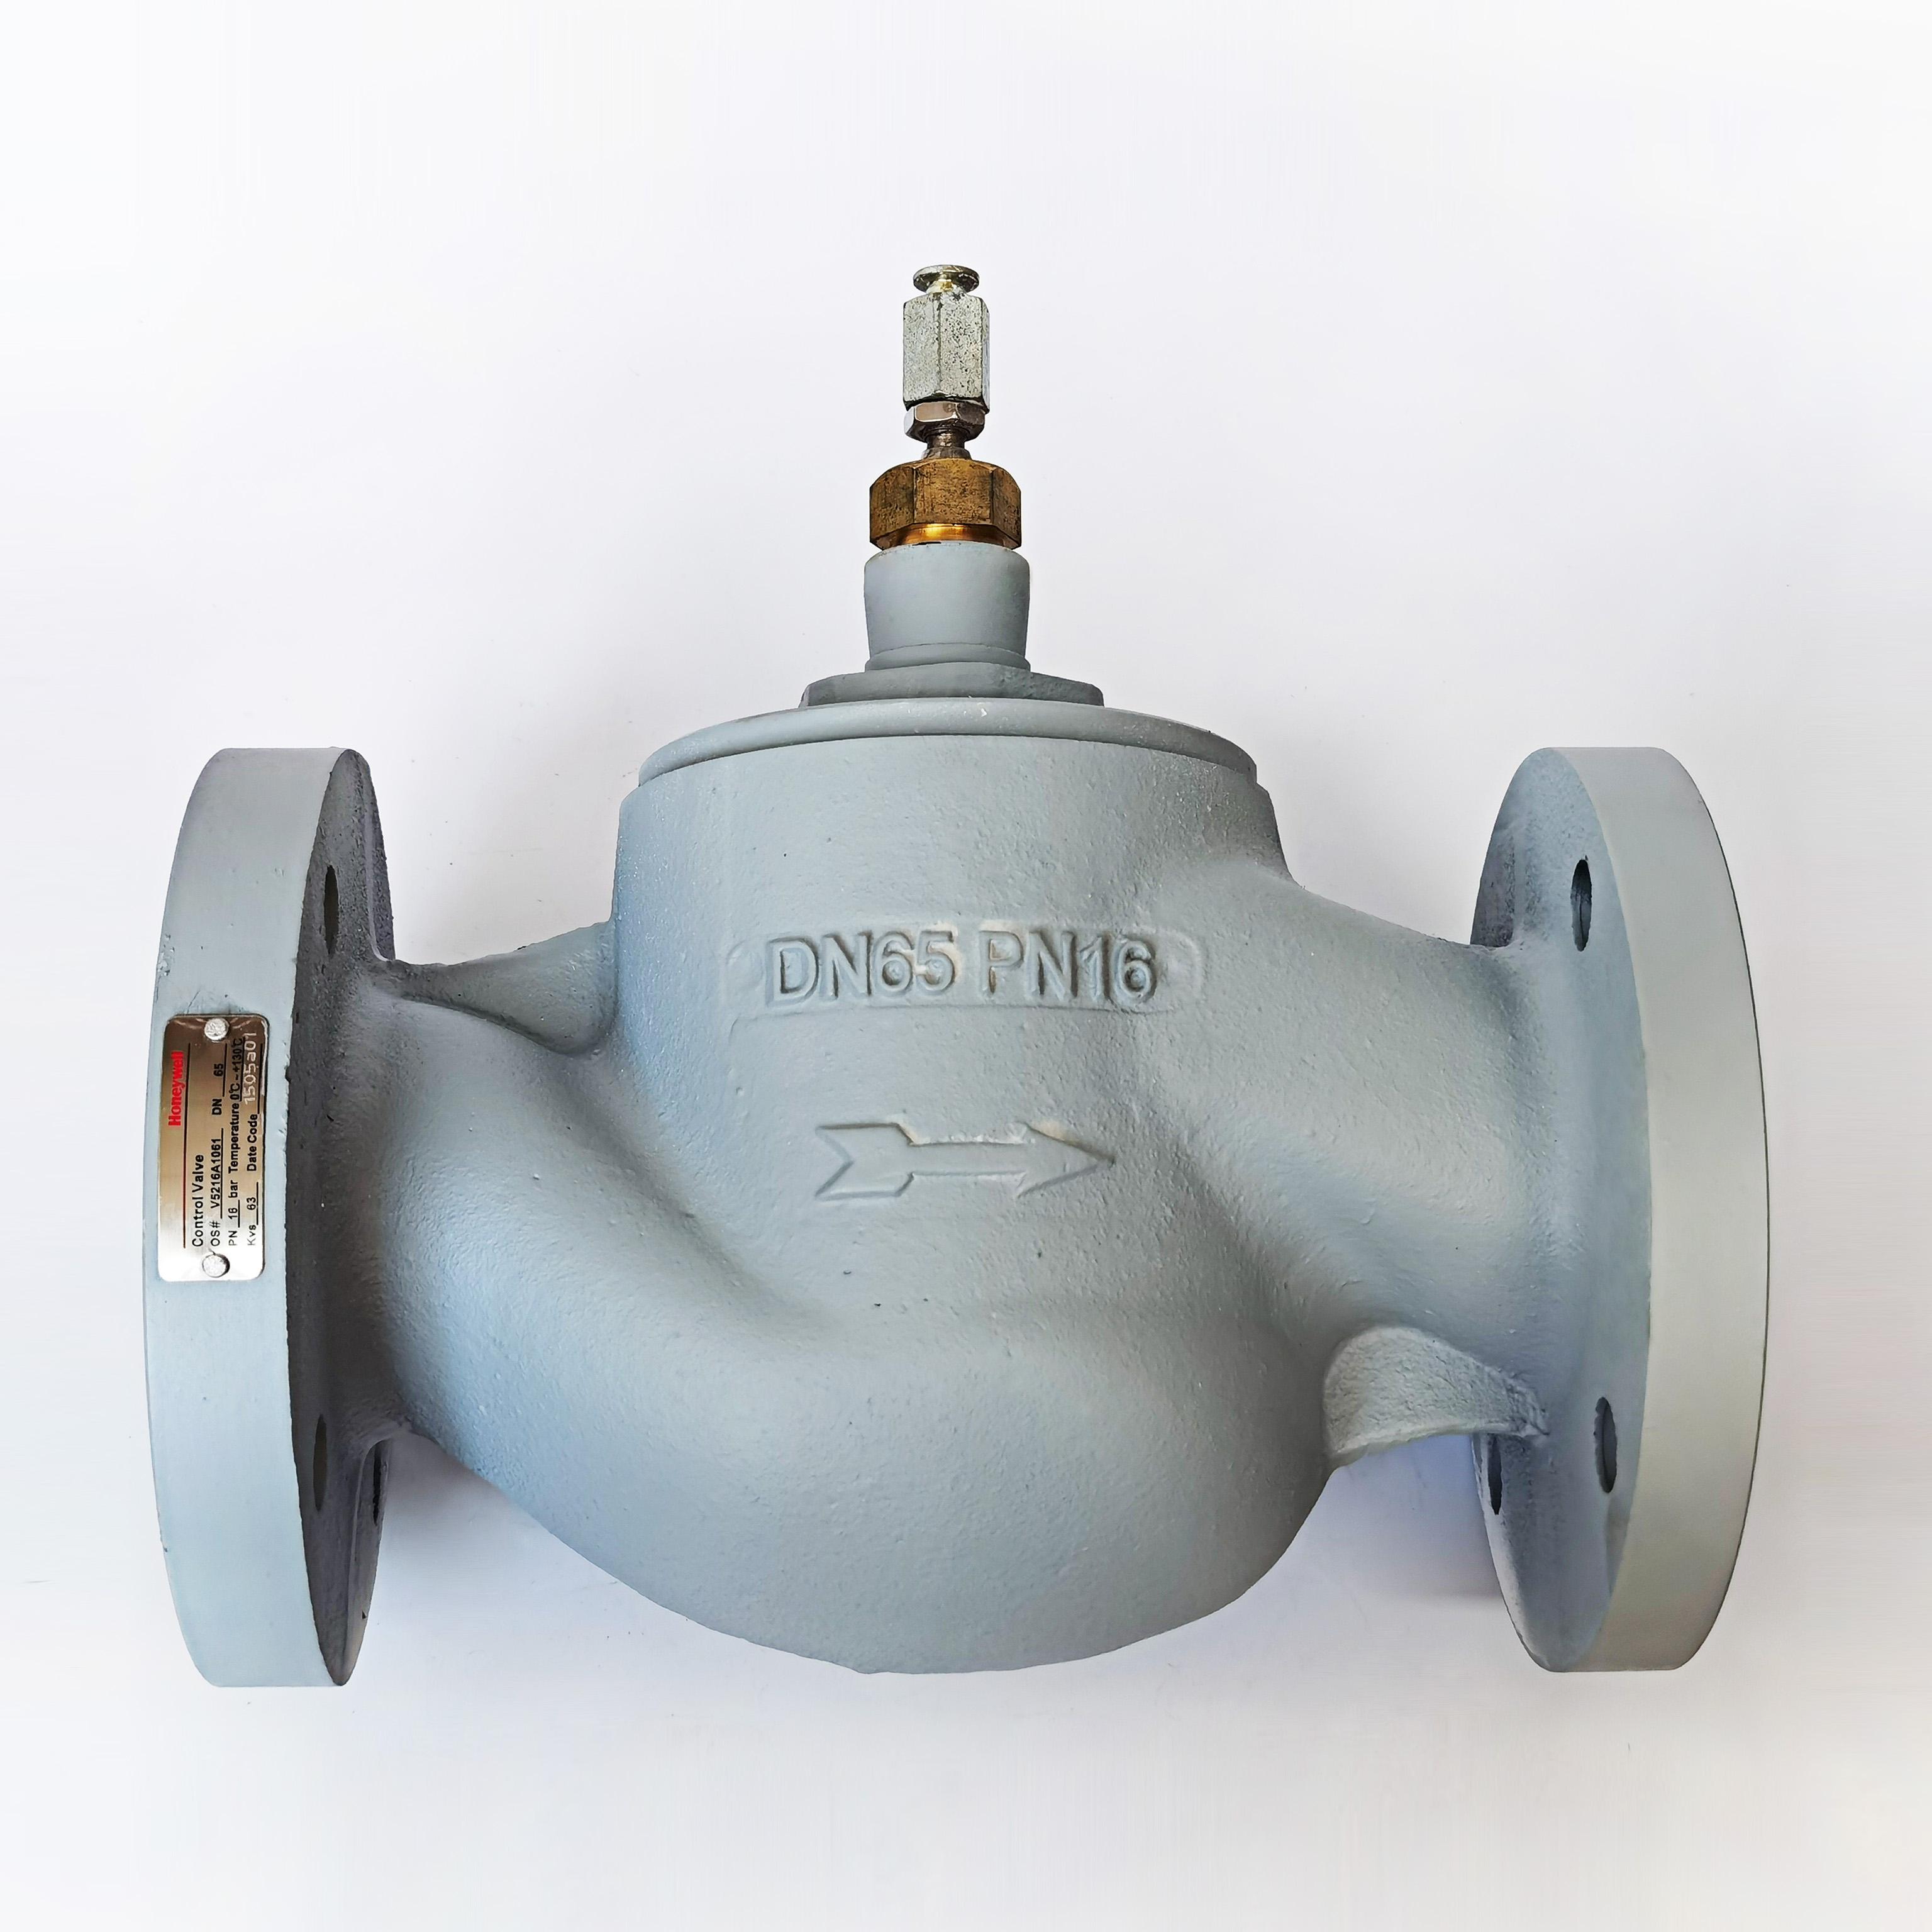 V5216A1061 霍尼韦尔DN65电动二通阀法兰阀